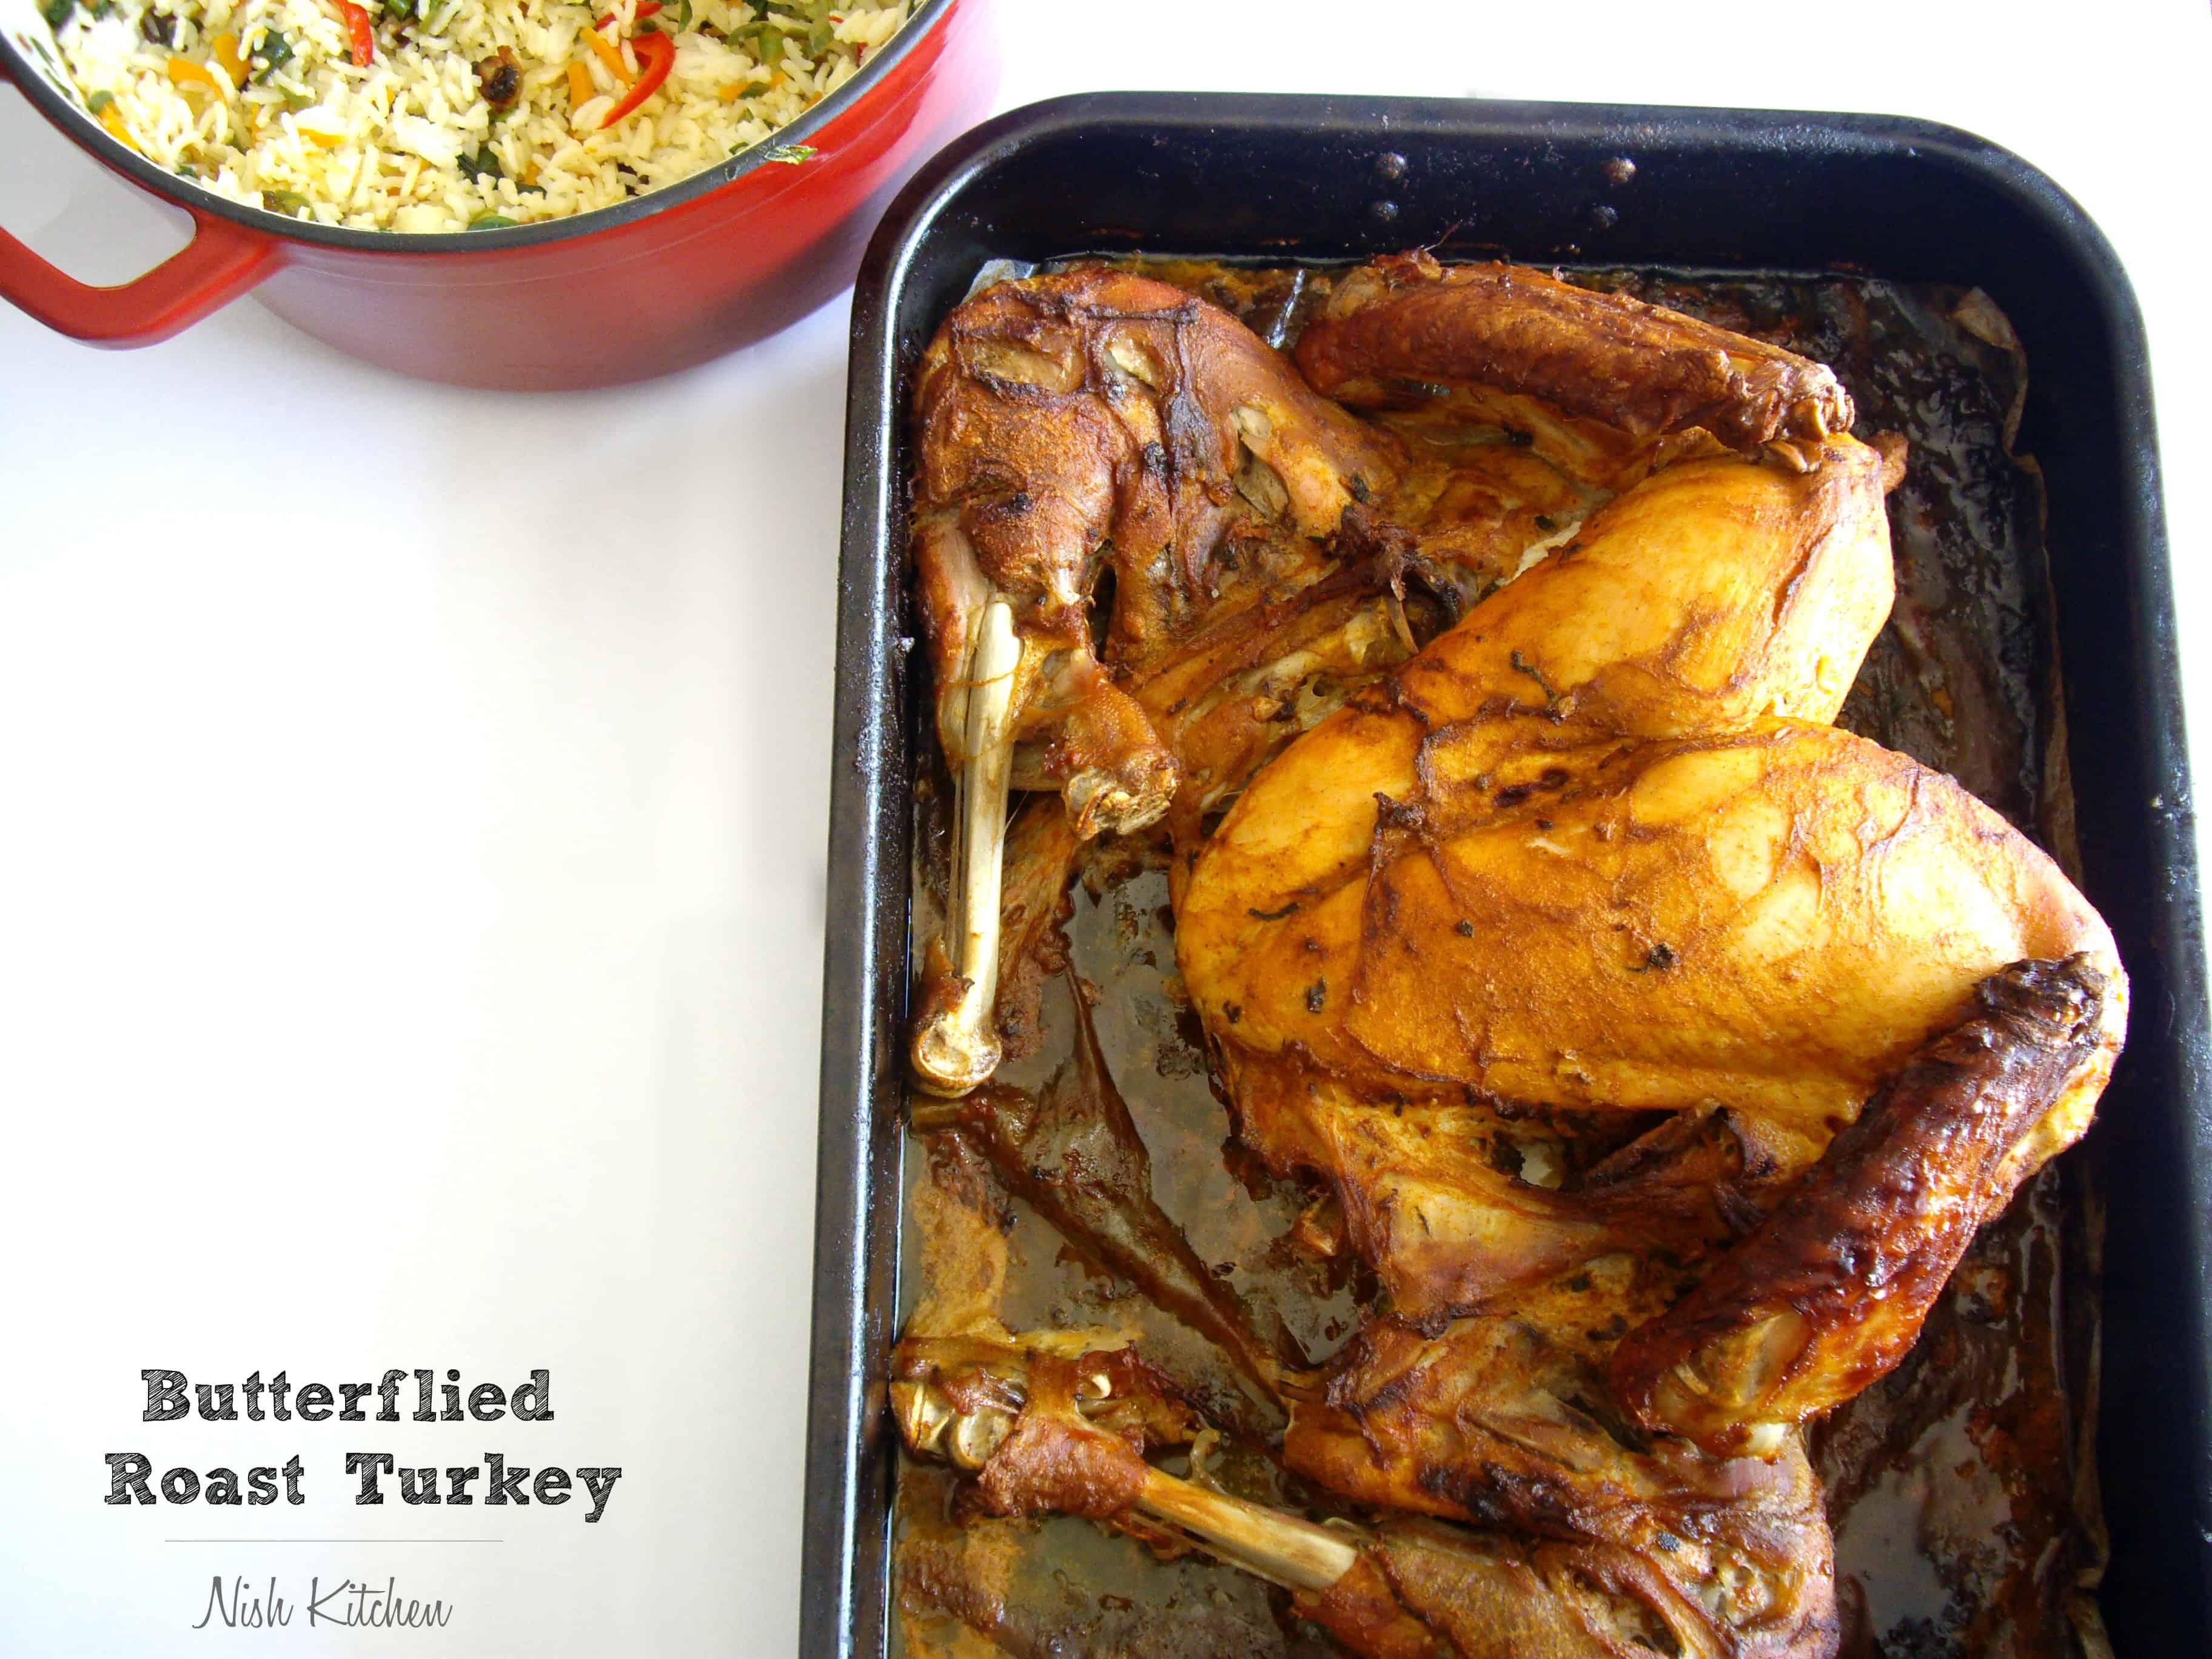 Butterflied Roast Turkey